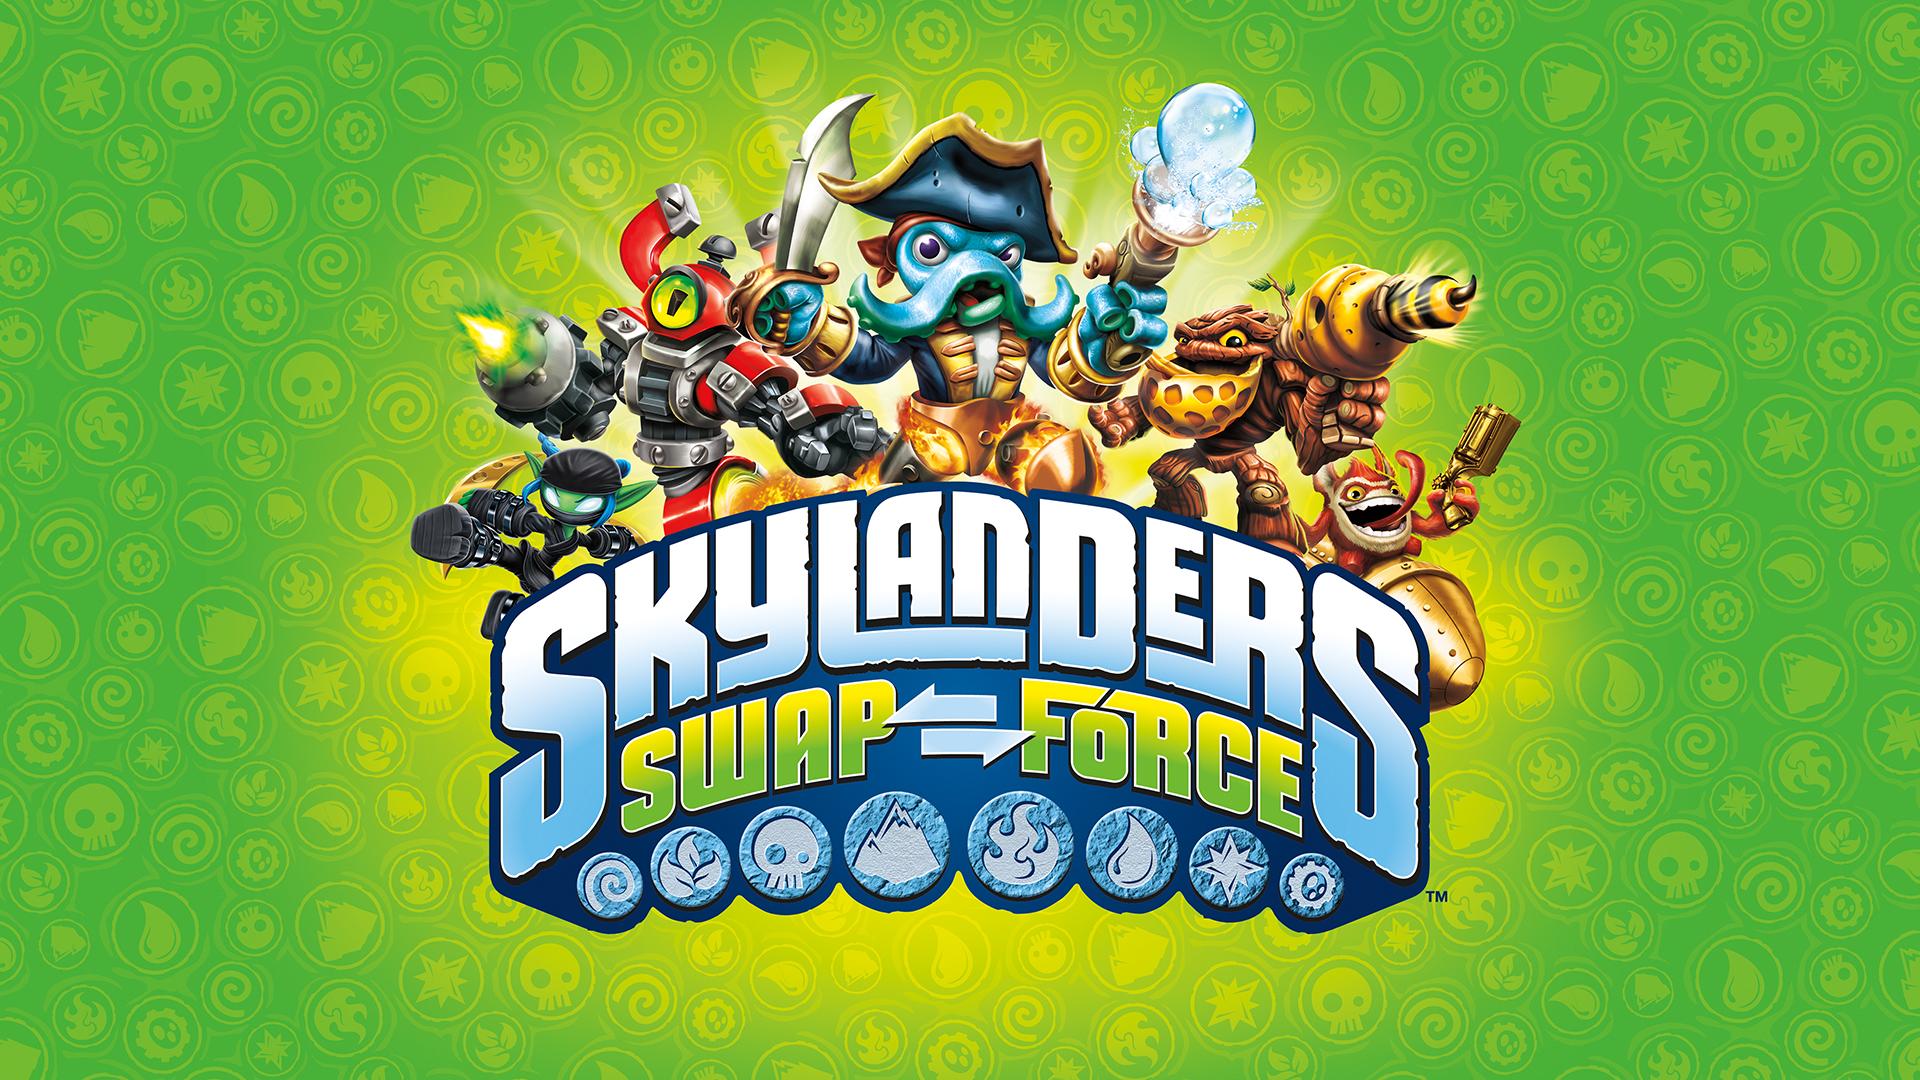 Skylanders: Swap Force (2013) (Videogame)